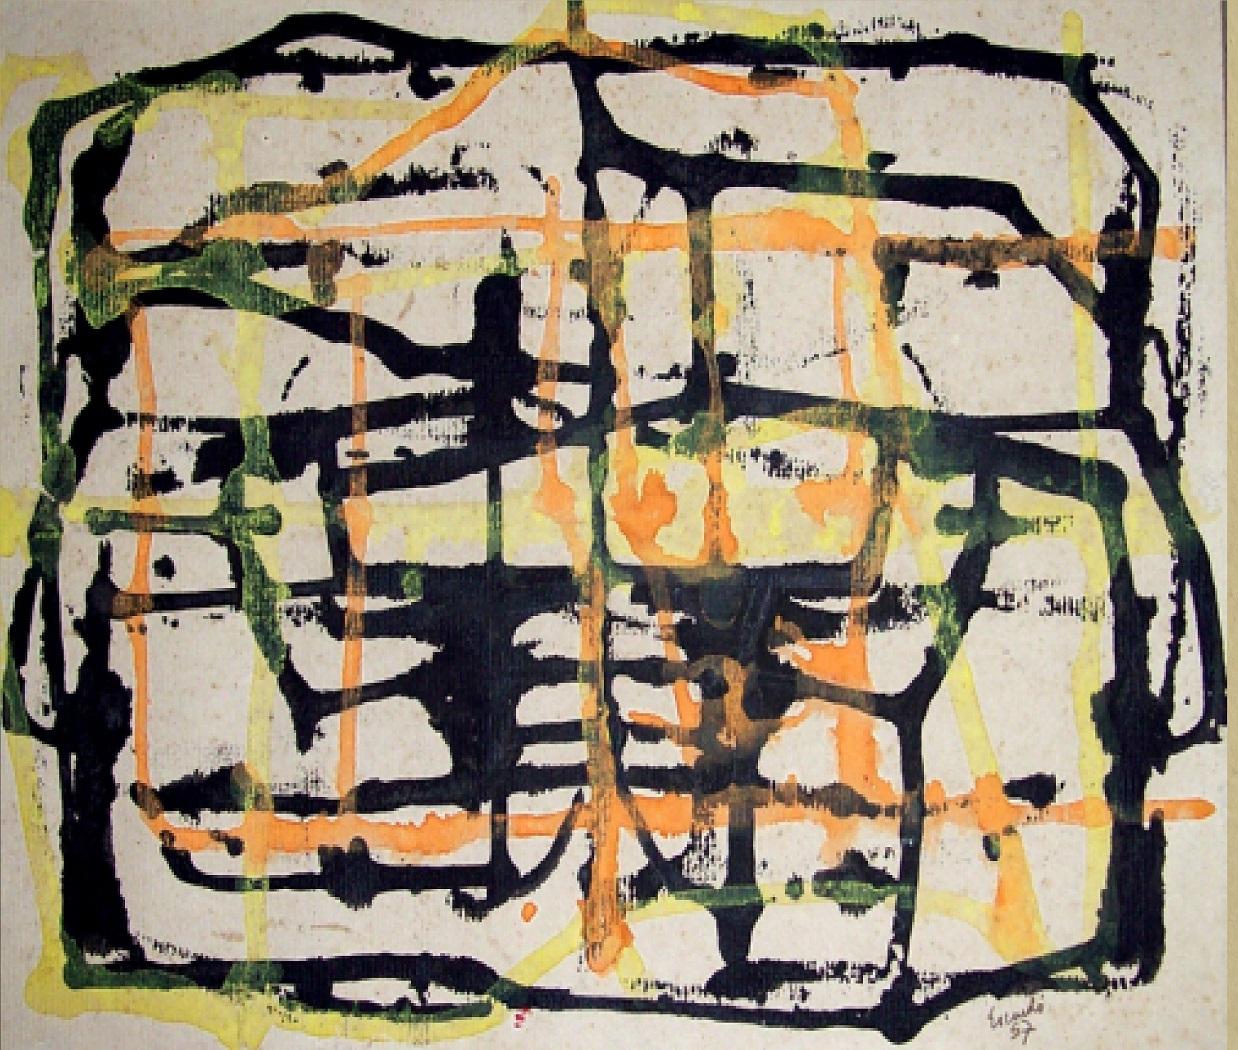 Sin título obra de Rolando Escardó . Tempera y cartulina, Dimensión  25 x 32,5 cm. Año 1957